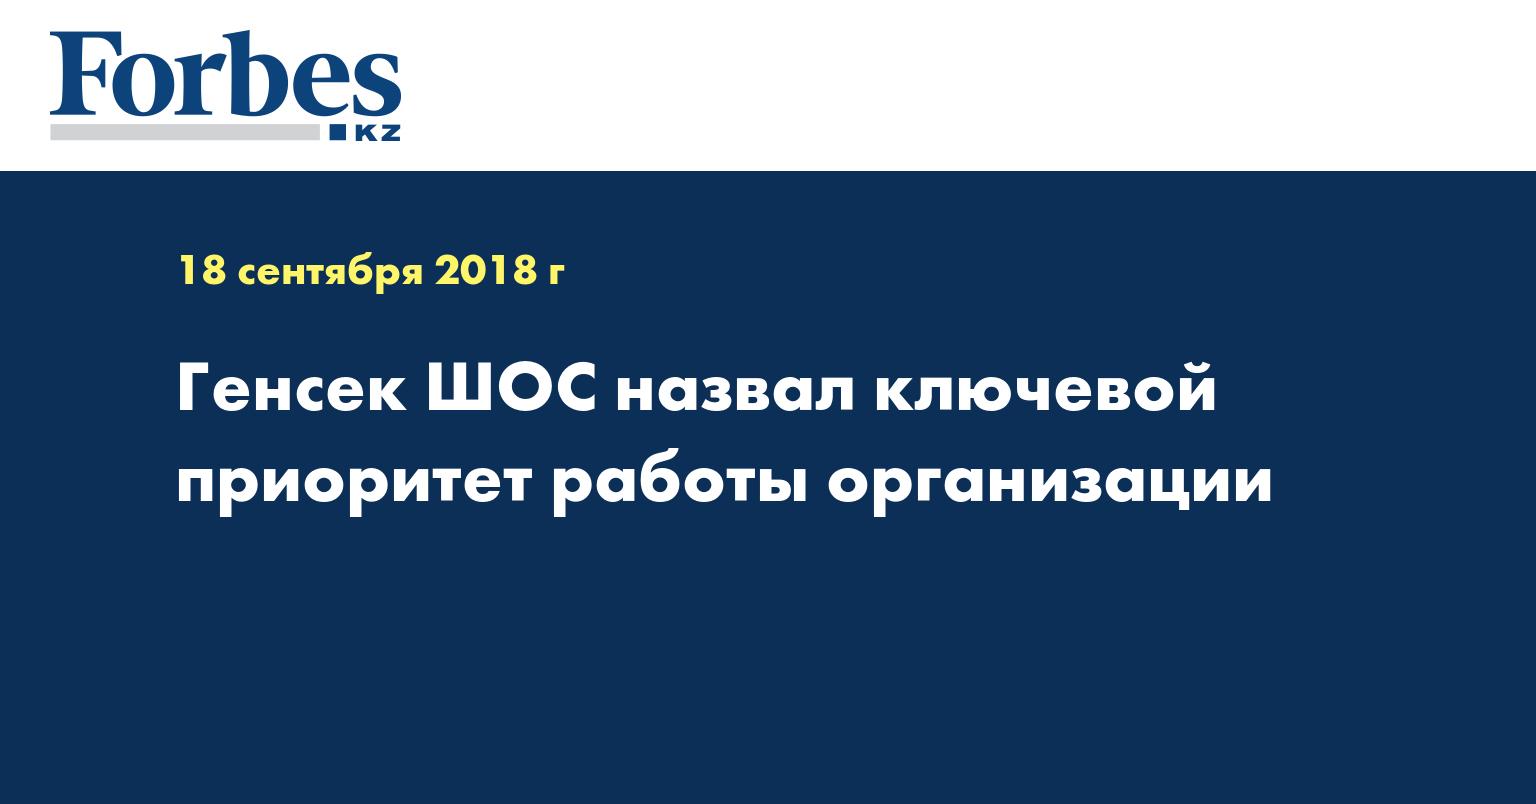 Генсек ШОС назвал ключевой приоритет работы организации